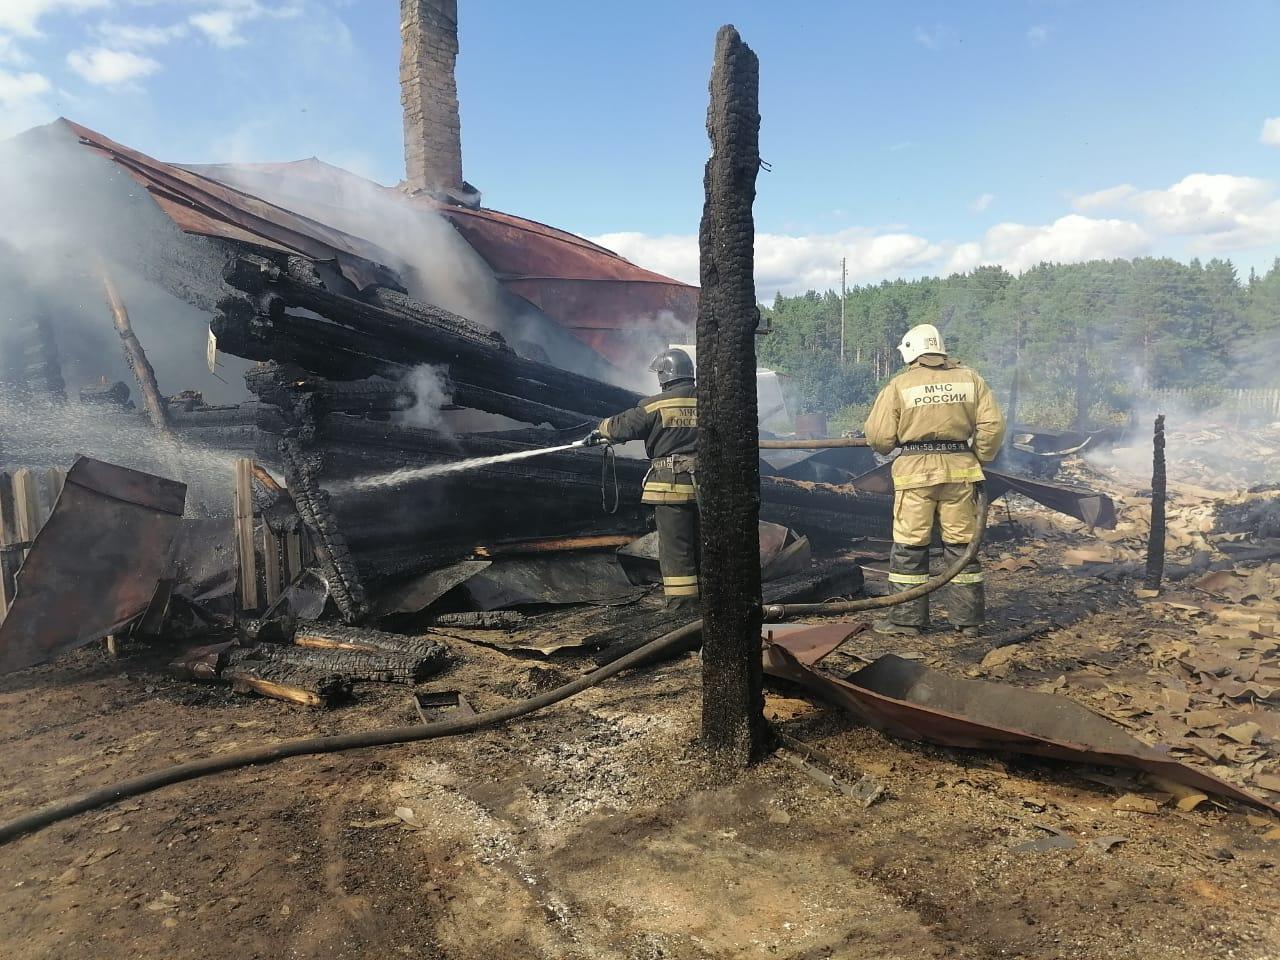 В Тарском районе пожар уничтожил три дома #Новости #Общество #Омск